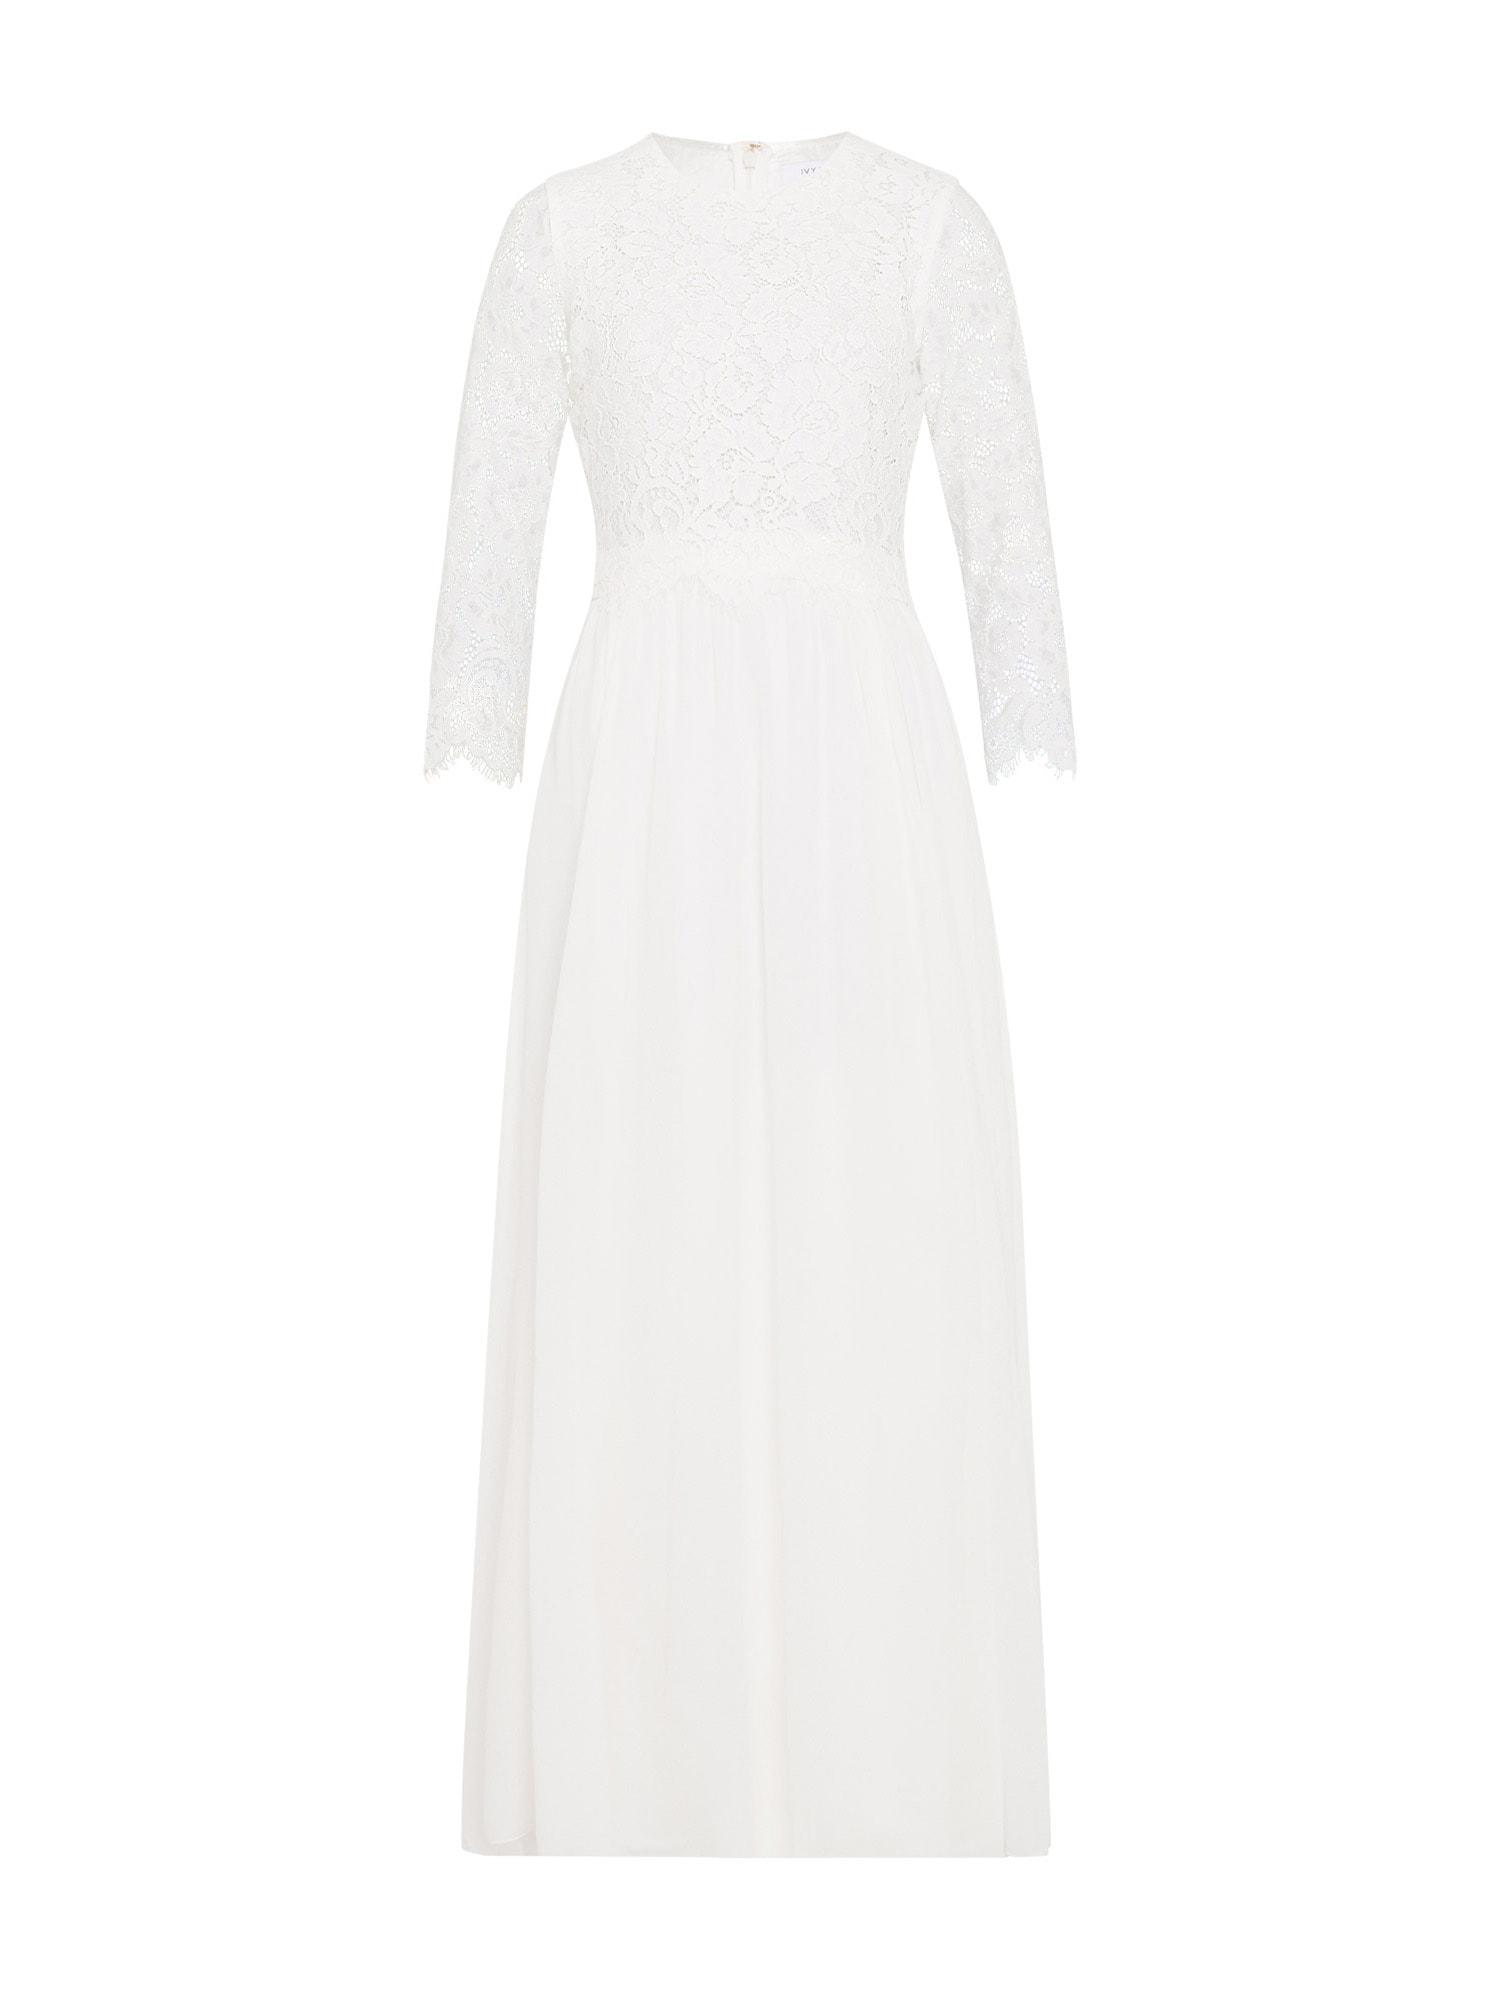 Brautkleid 'Bridal 2in1 Maxi' | Bekleidung > Kleider > Brautkleider | IVY & OAK